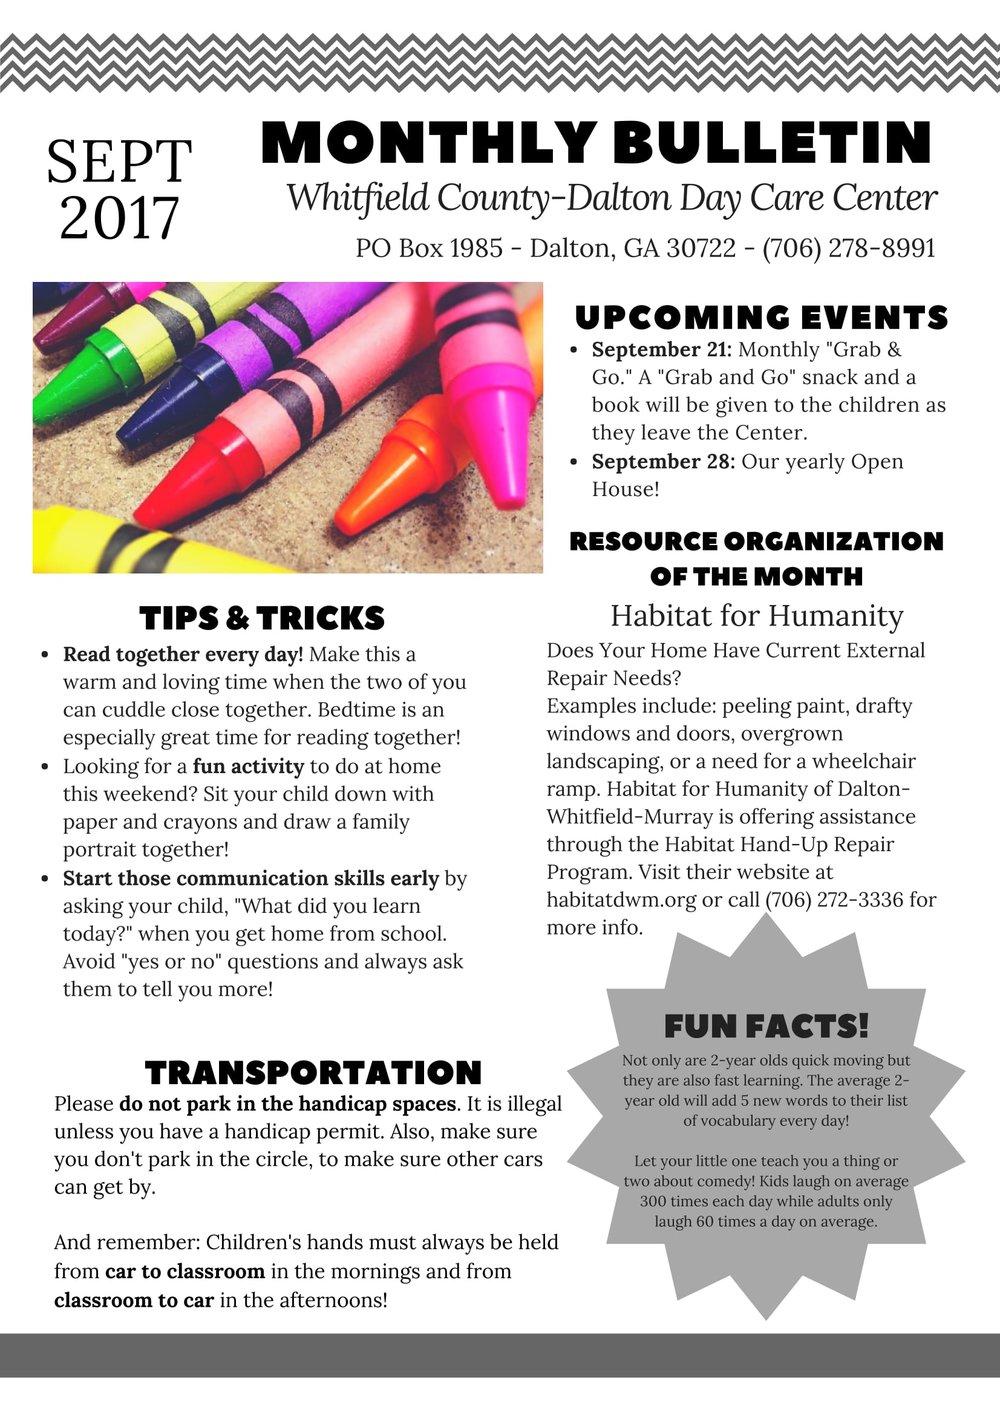 Sept 2017 newsletter-1.jpg